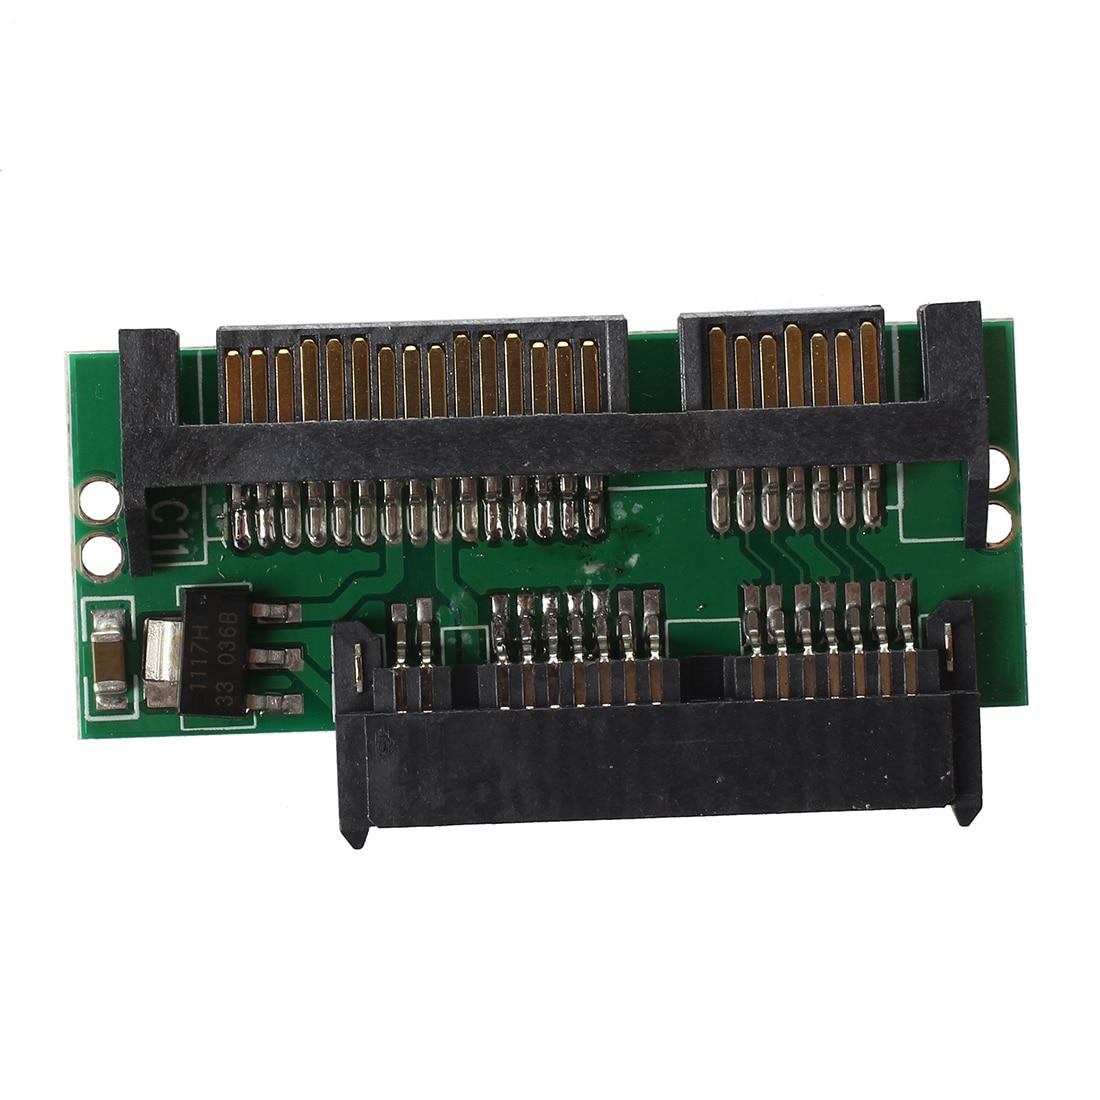 """1,8 """"mini Micro Sata Msata Zu 7 + 15 2,5"""" Sata Adapter Konverter Karte Feines Handwerk"""